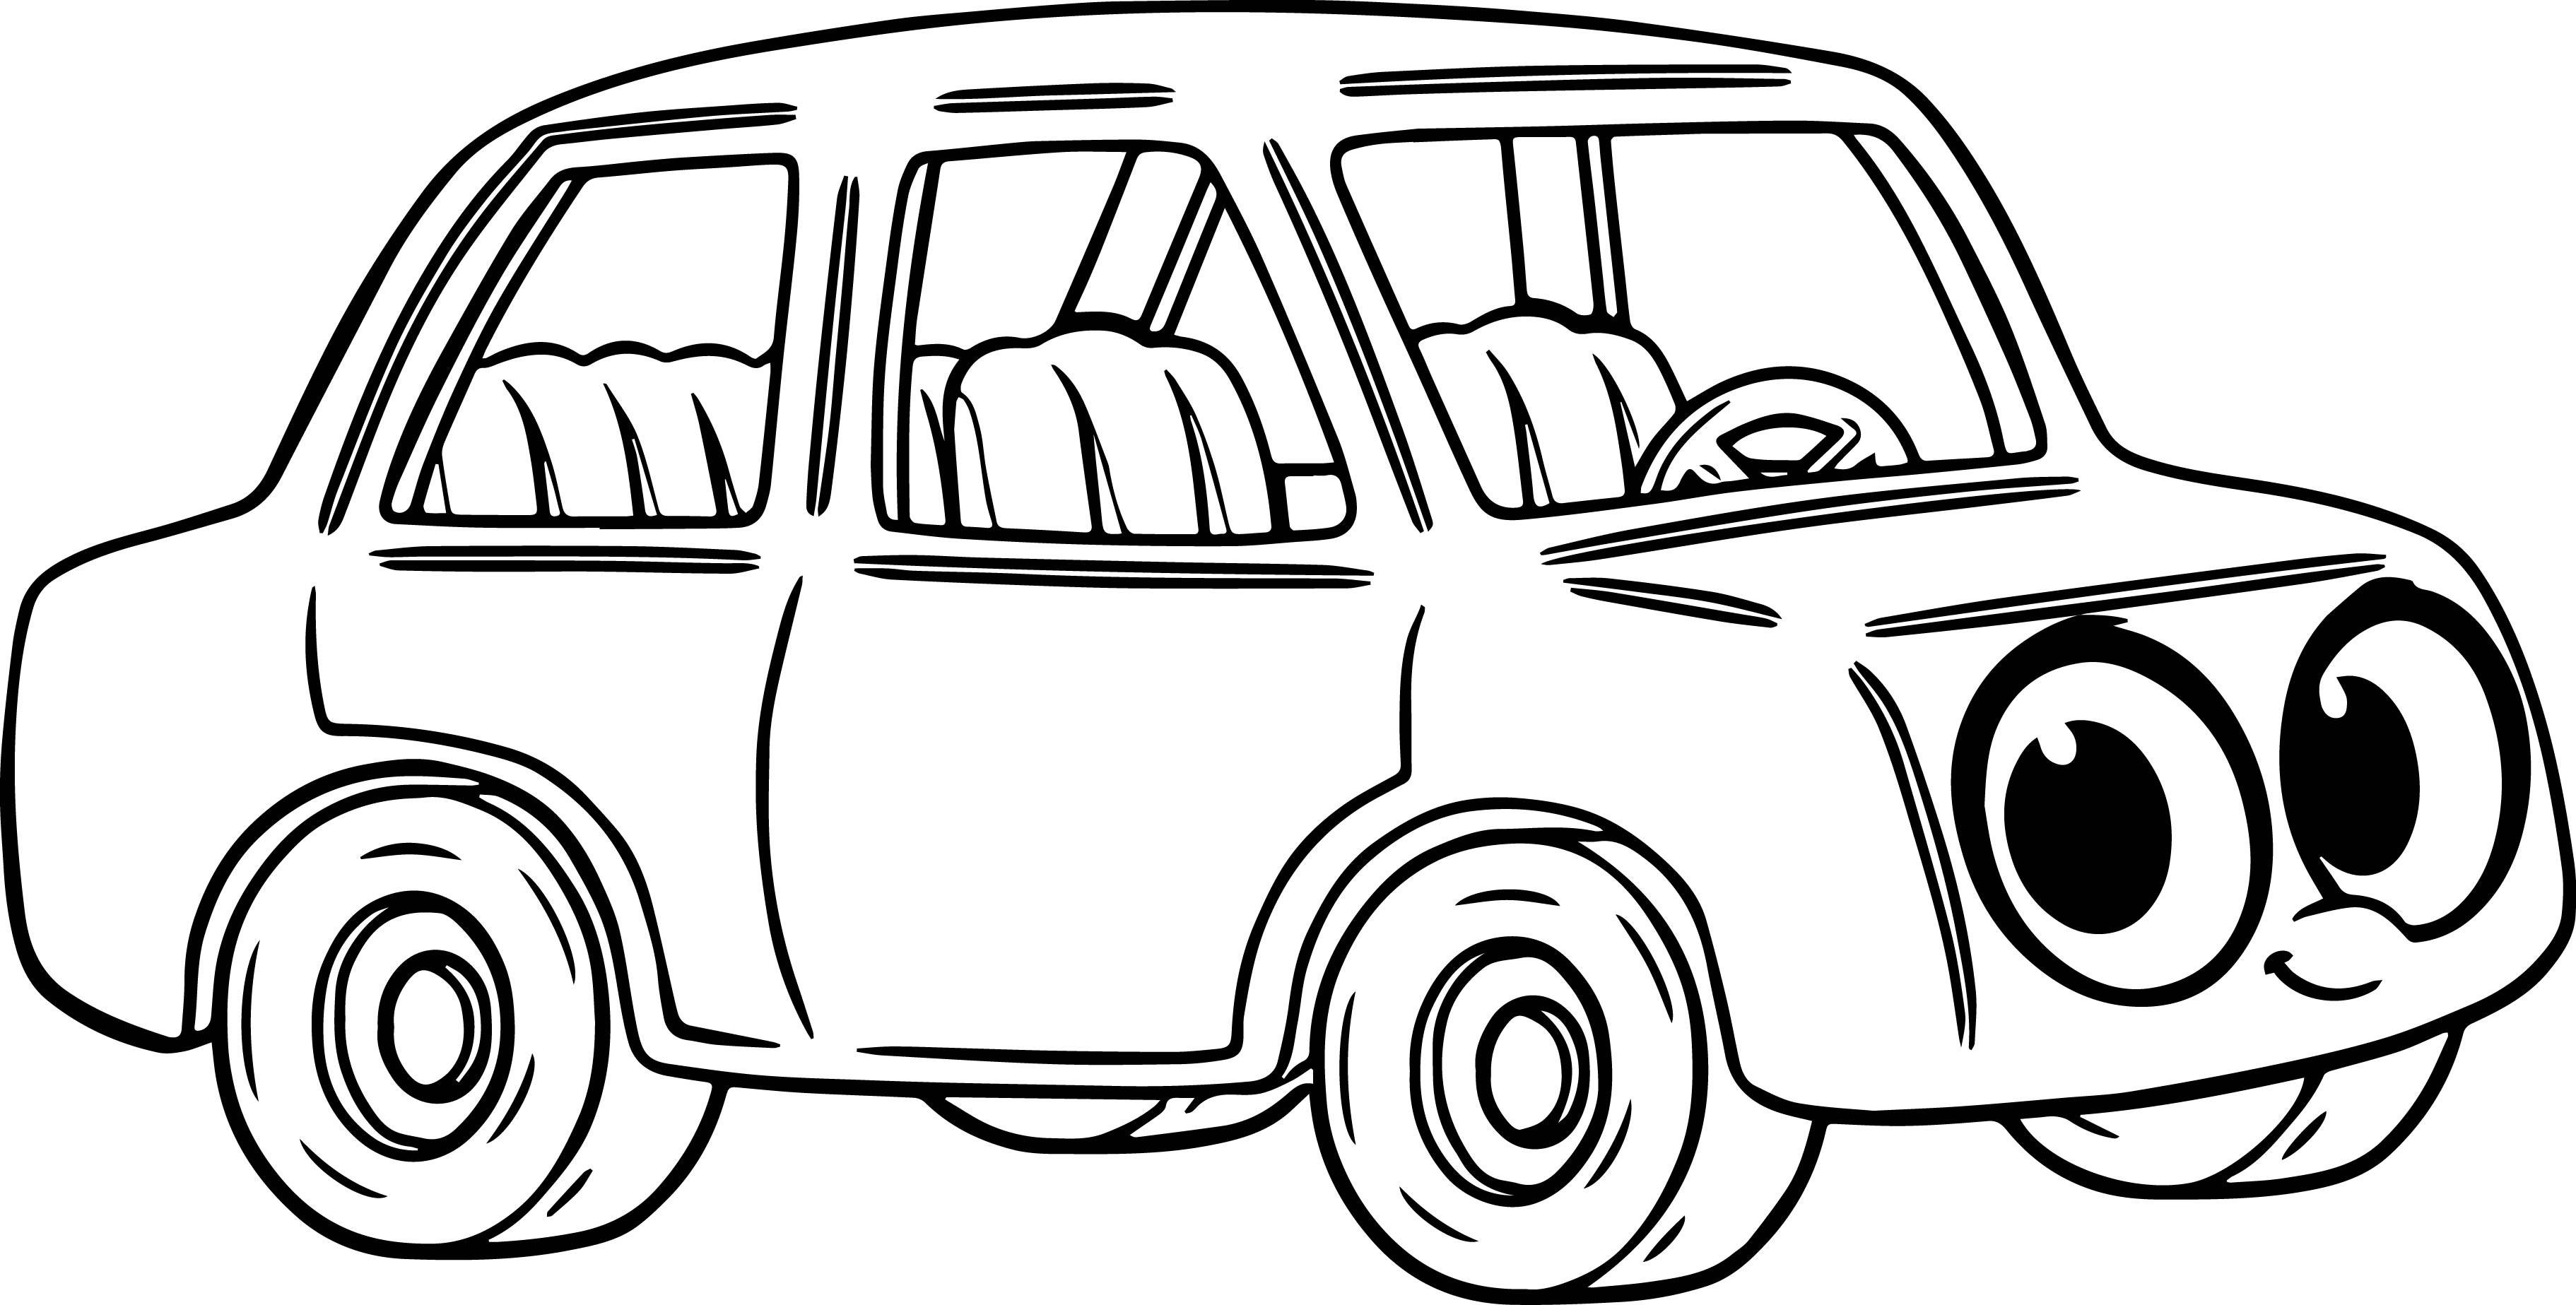 cute car drawing at getdrawings com